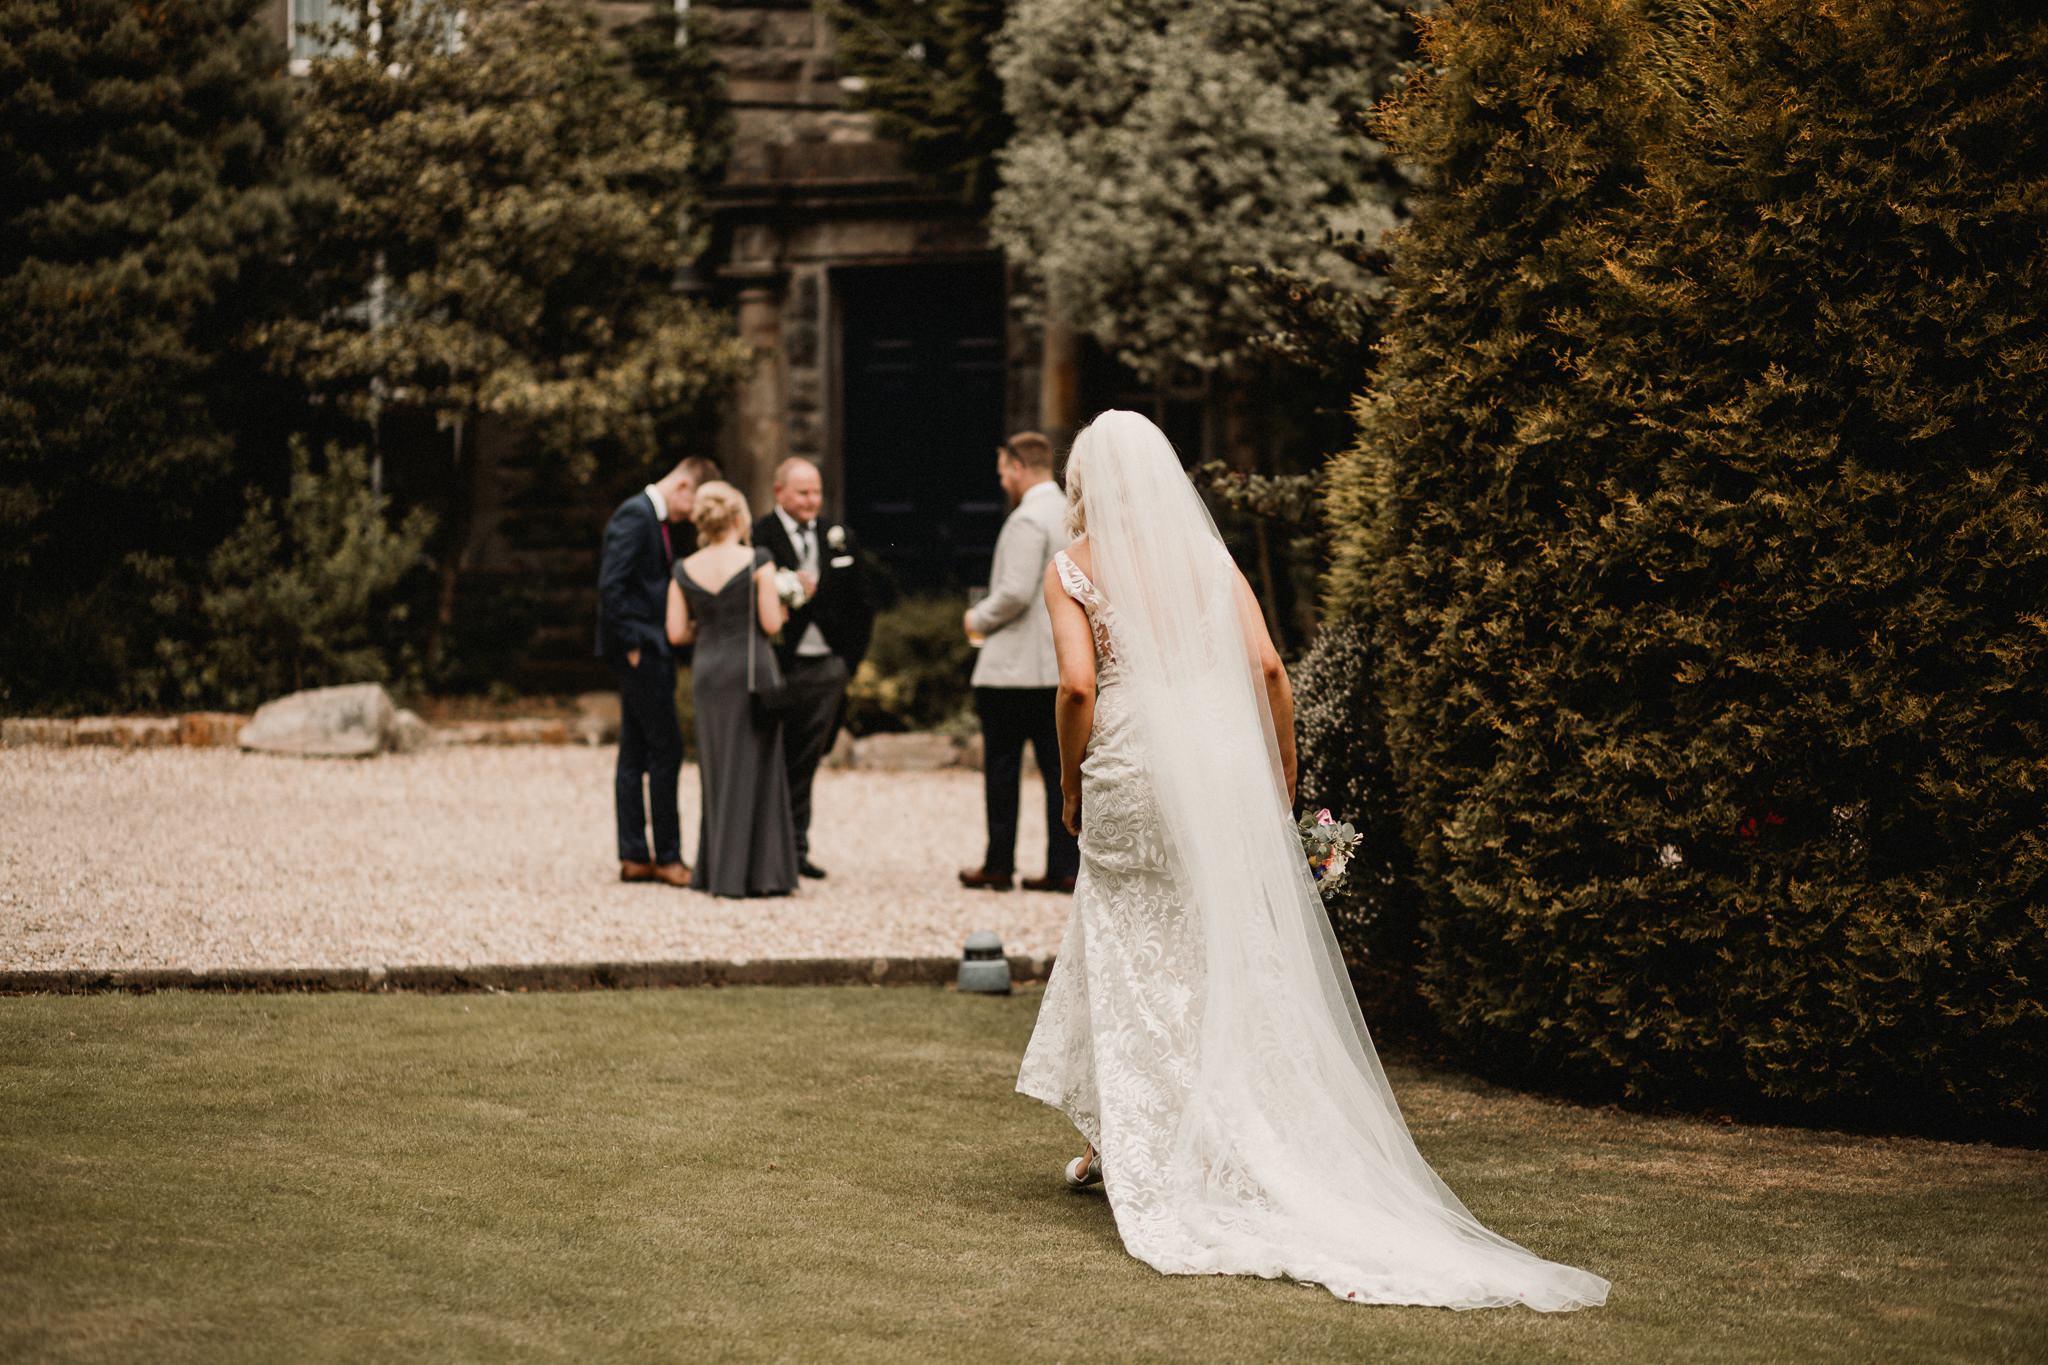 Tre-Ysgawen Wedding Photography-7528-Love Luella.jpg